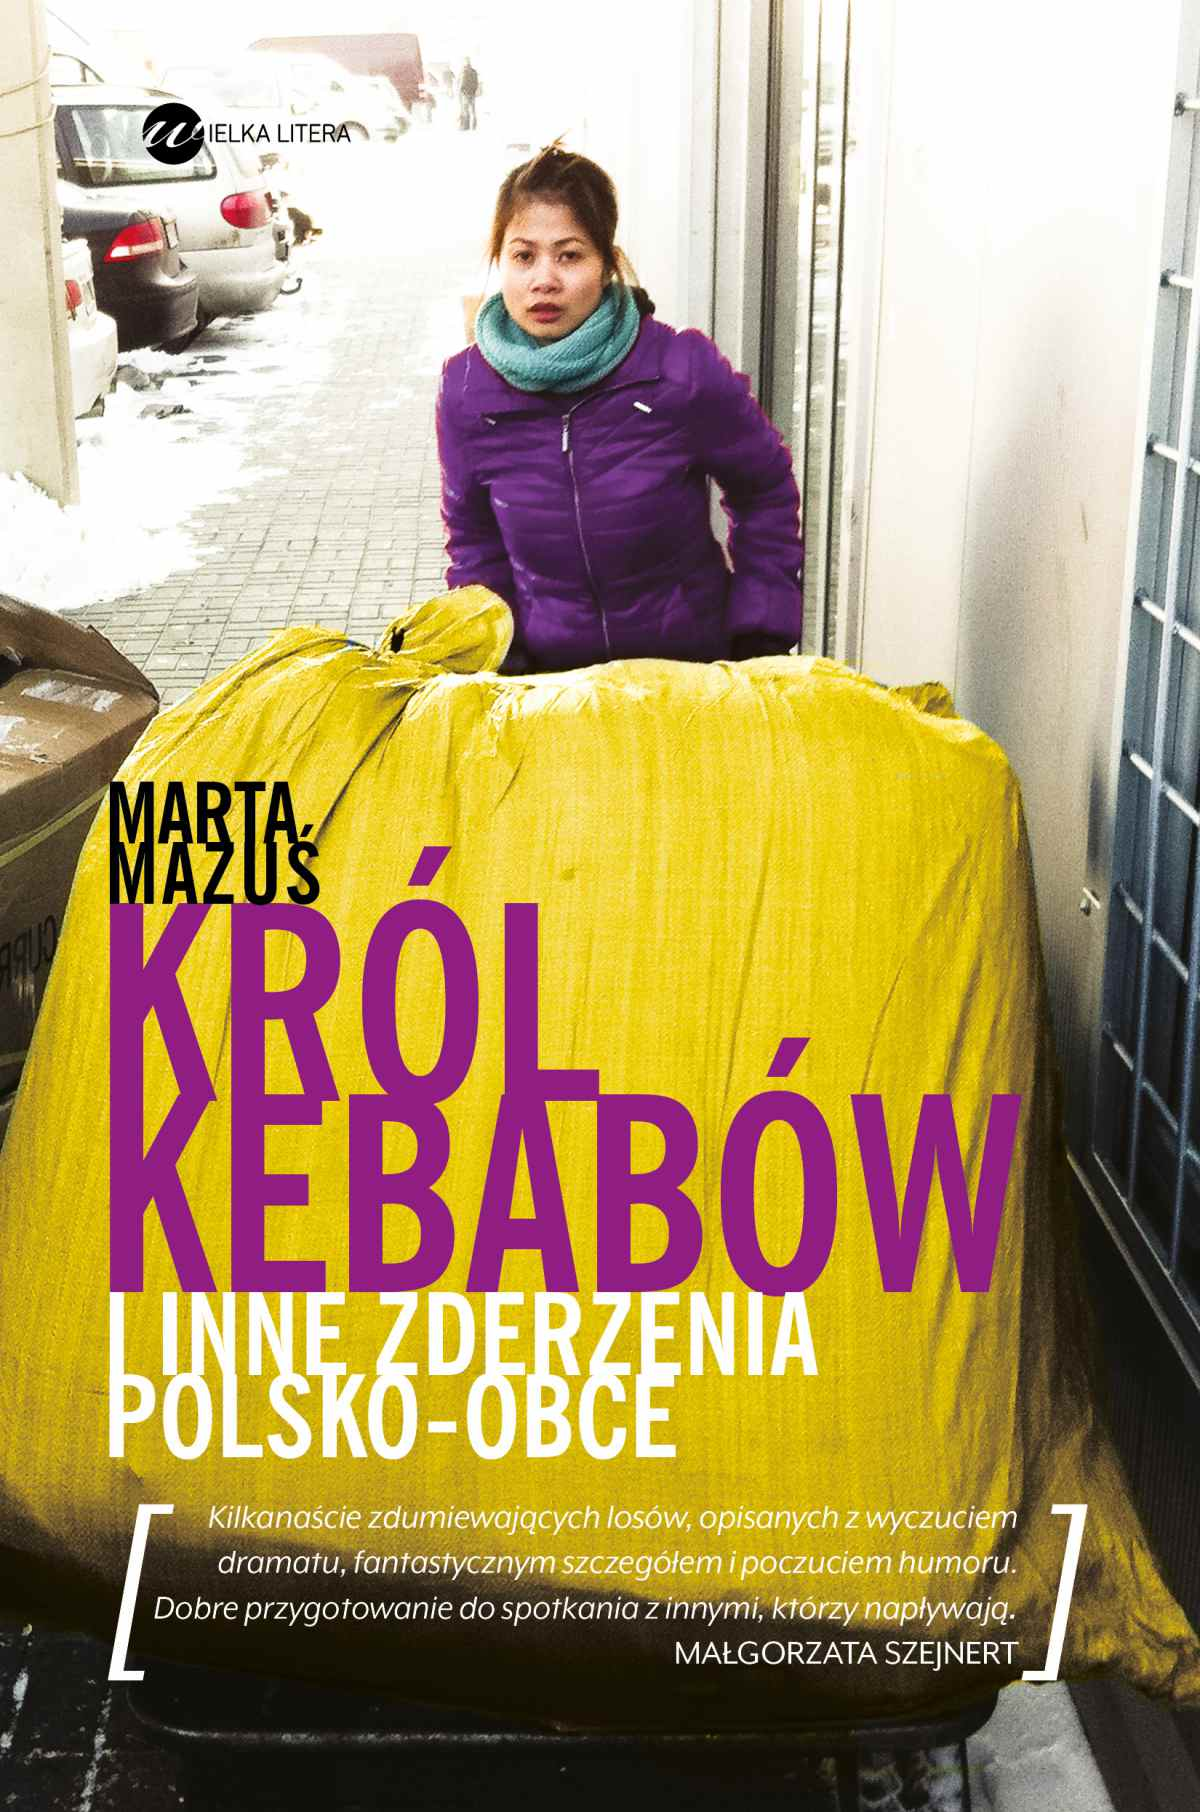 Król kebabów i inne zderzenia polsko-obce - Ebook (Książka EPUB) do pobrania w formacie EPUB